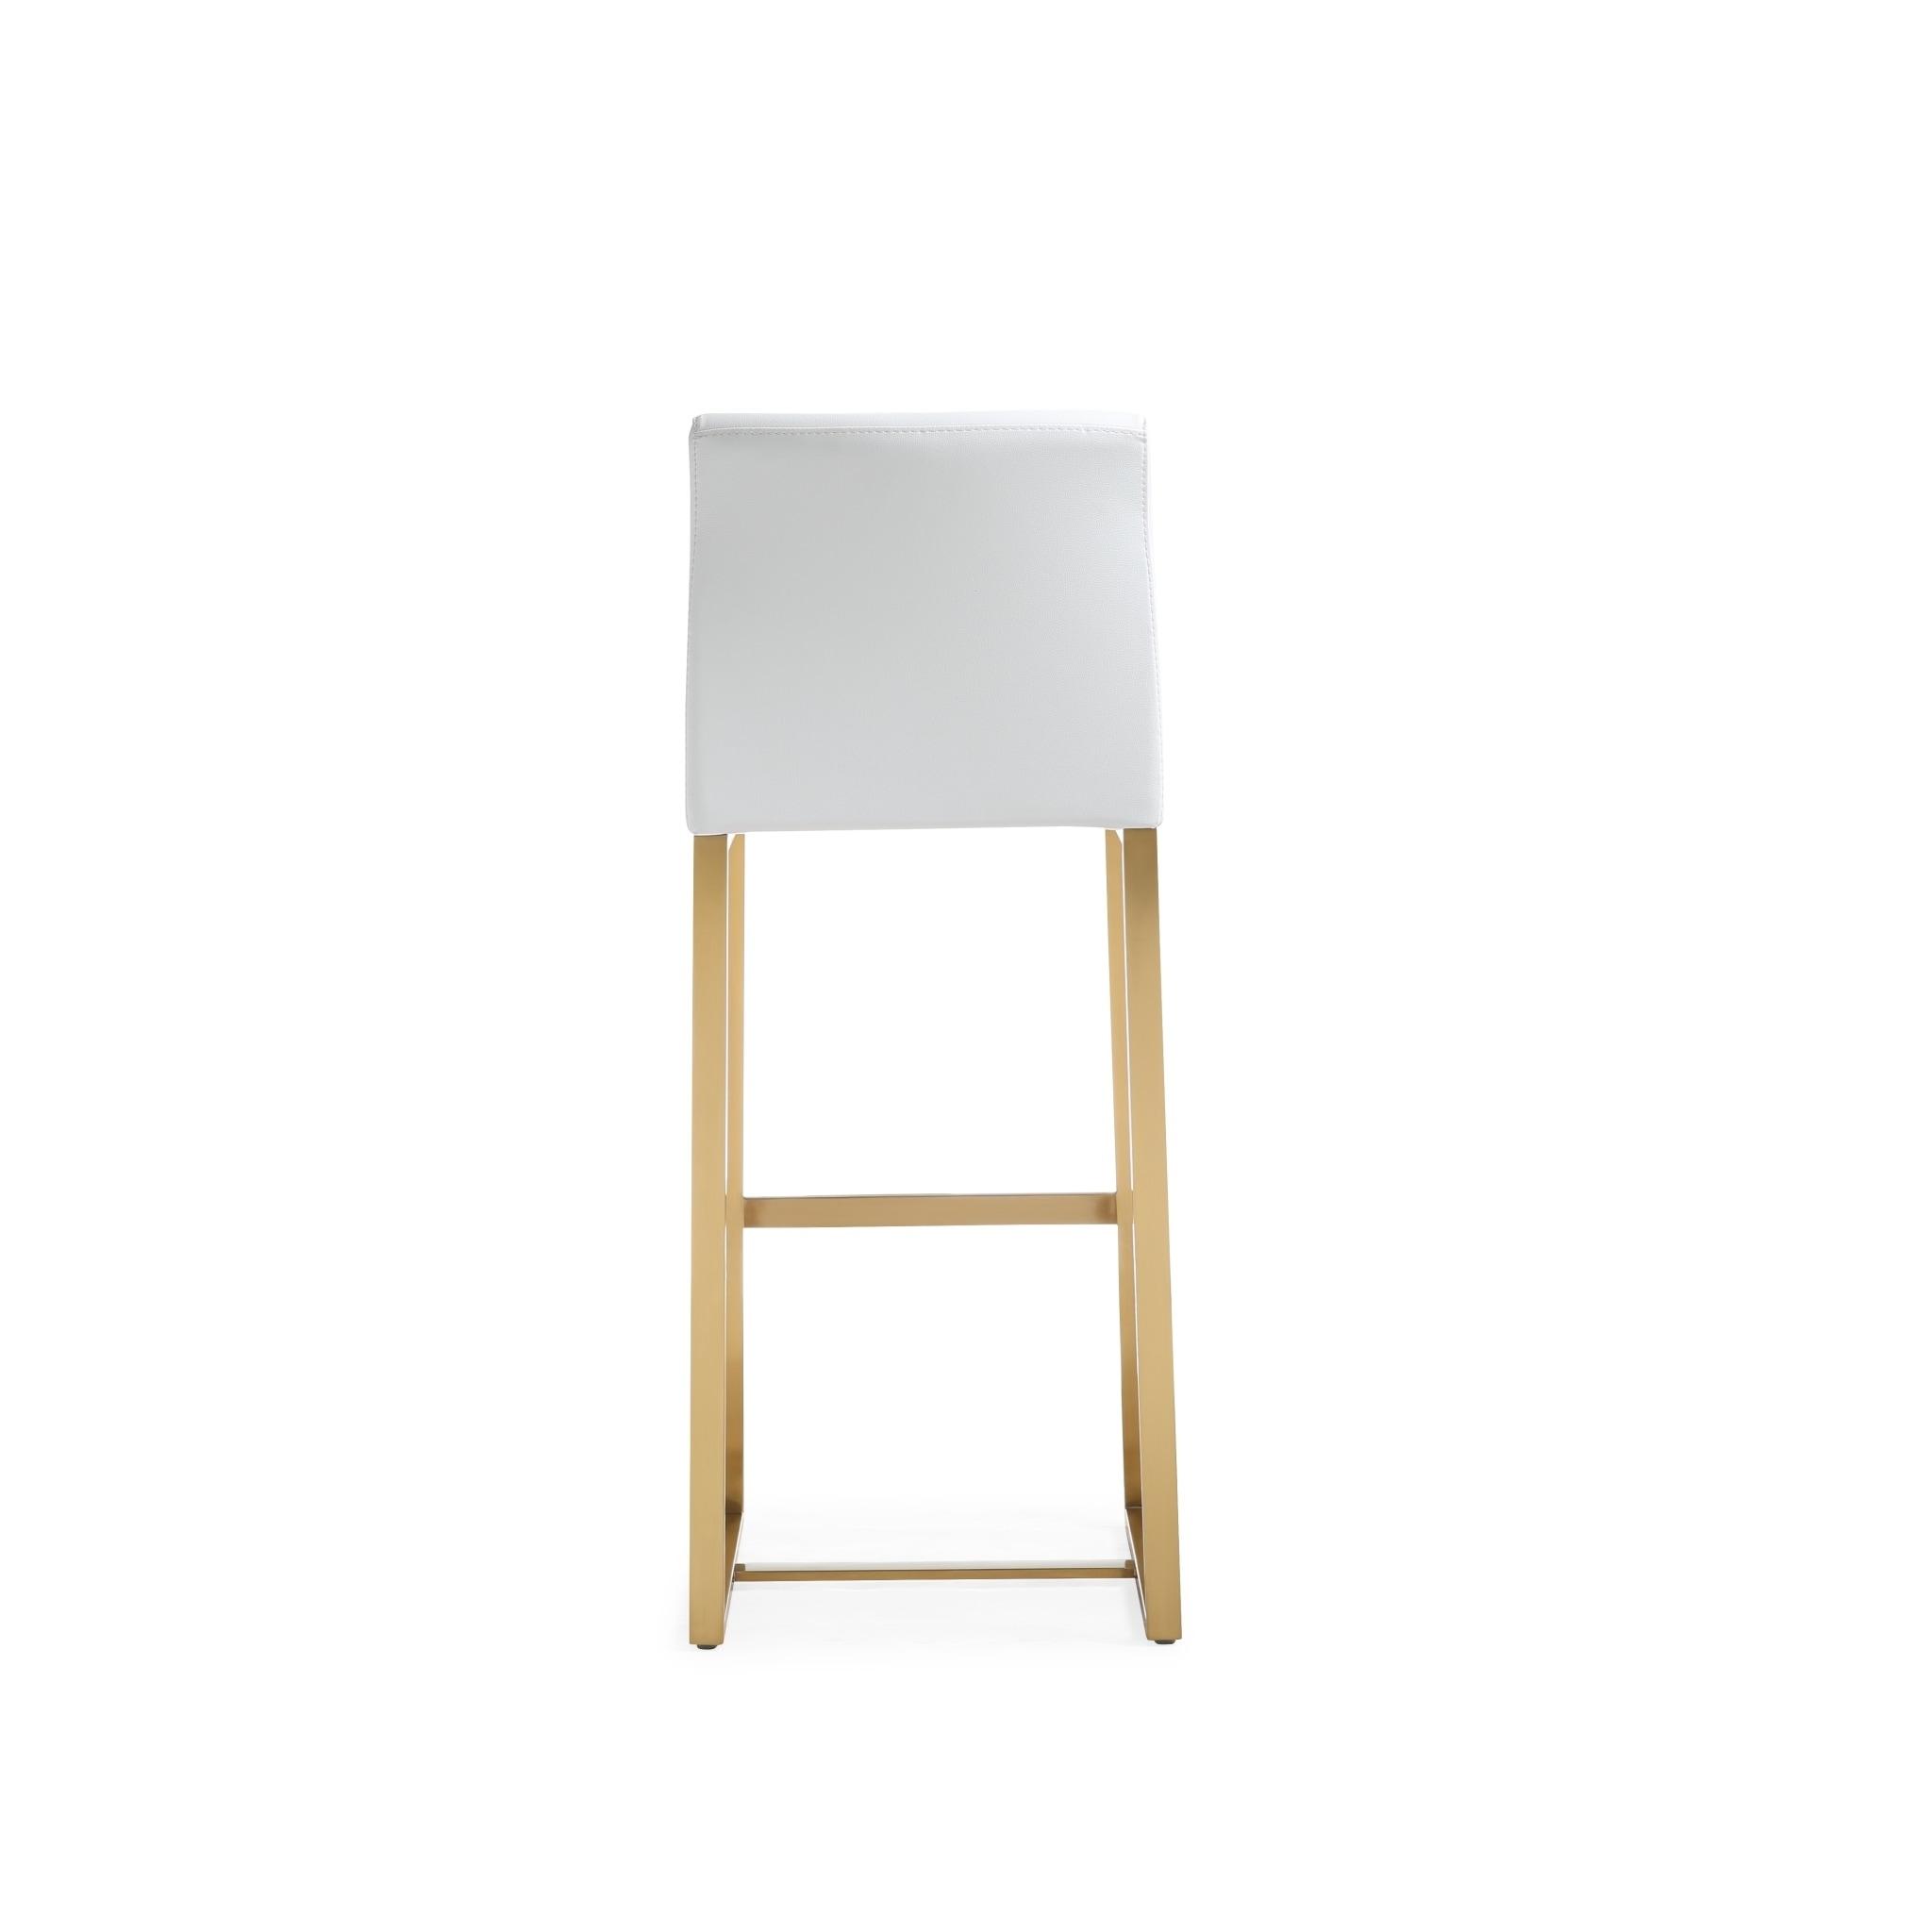 Shop Denmark White Gold Steel Barstool Set Of 2 Free Shipping